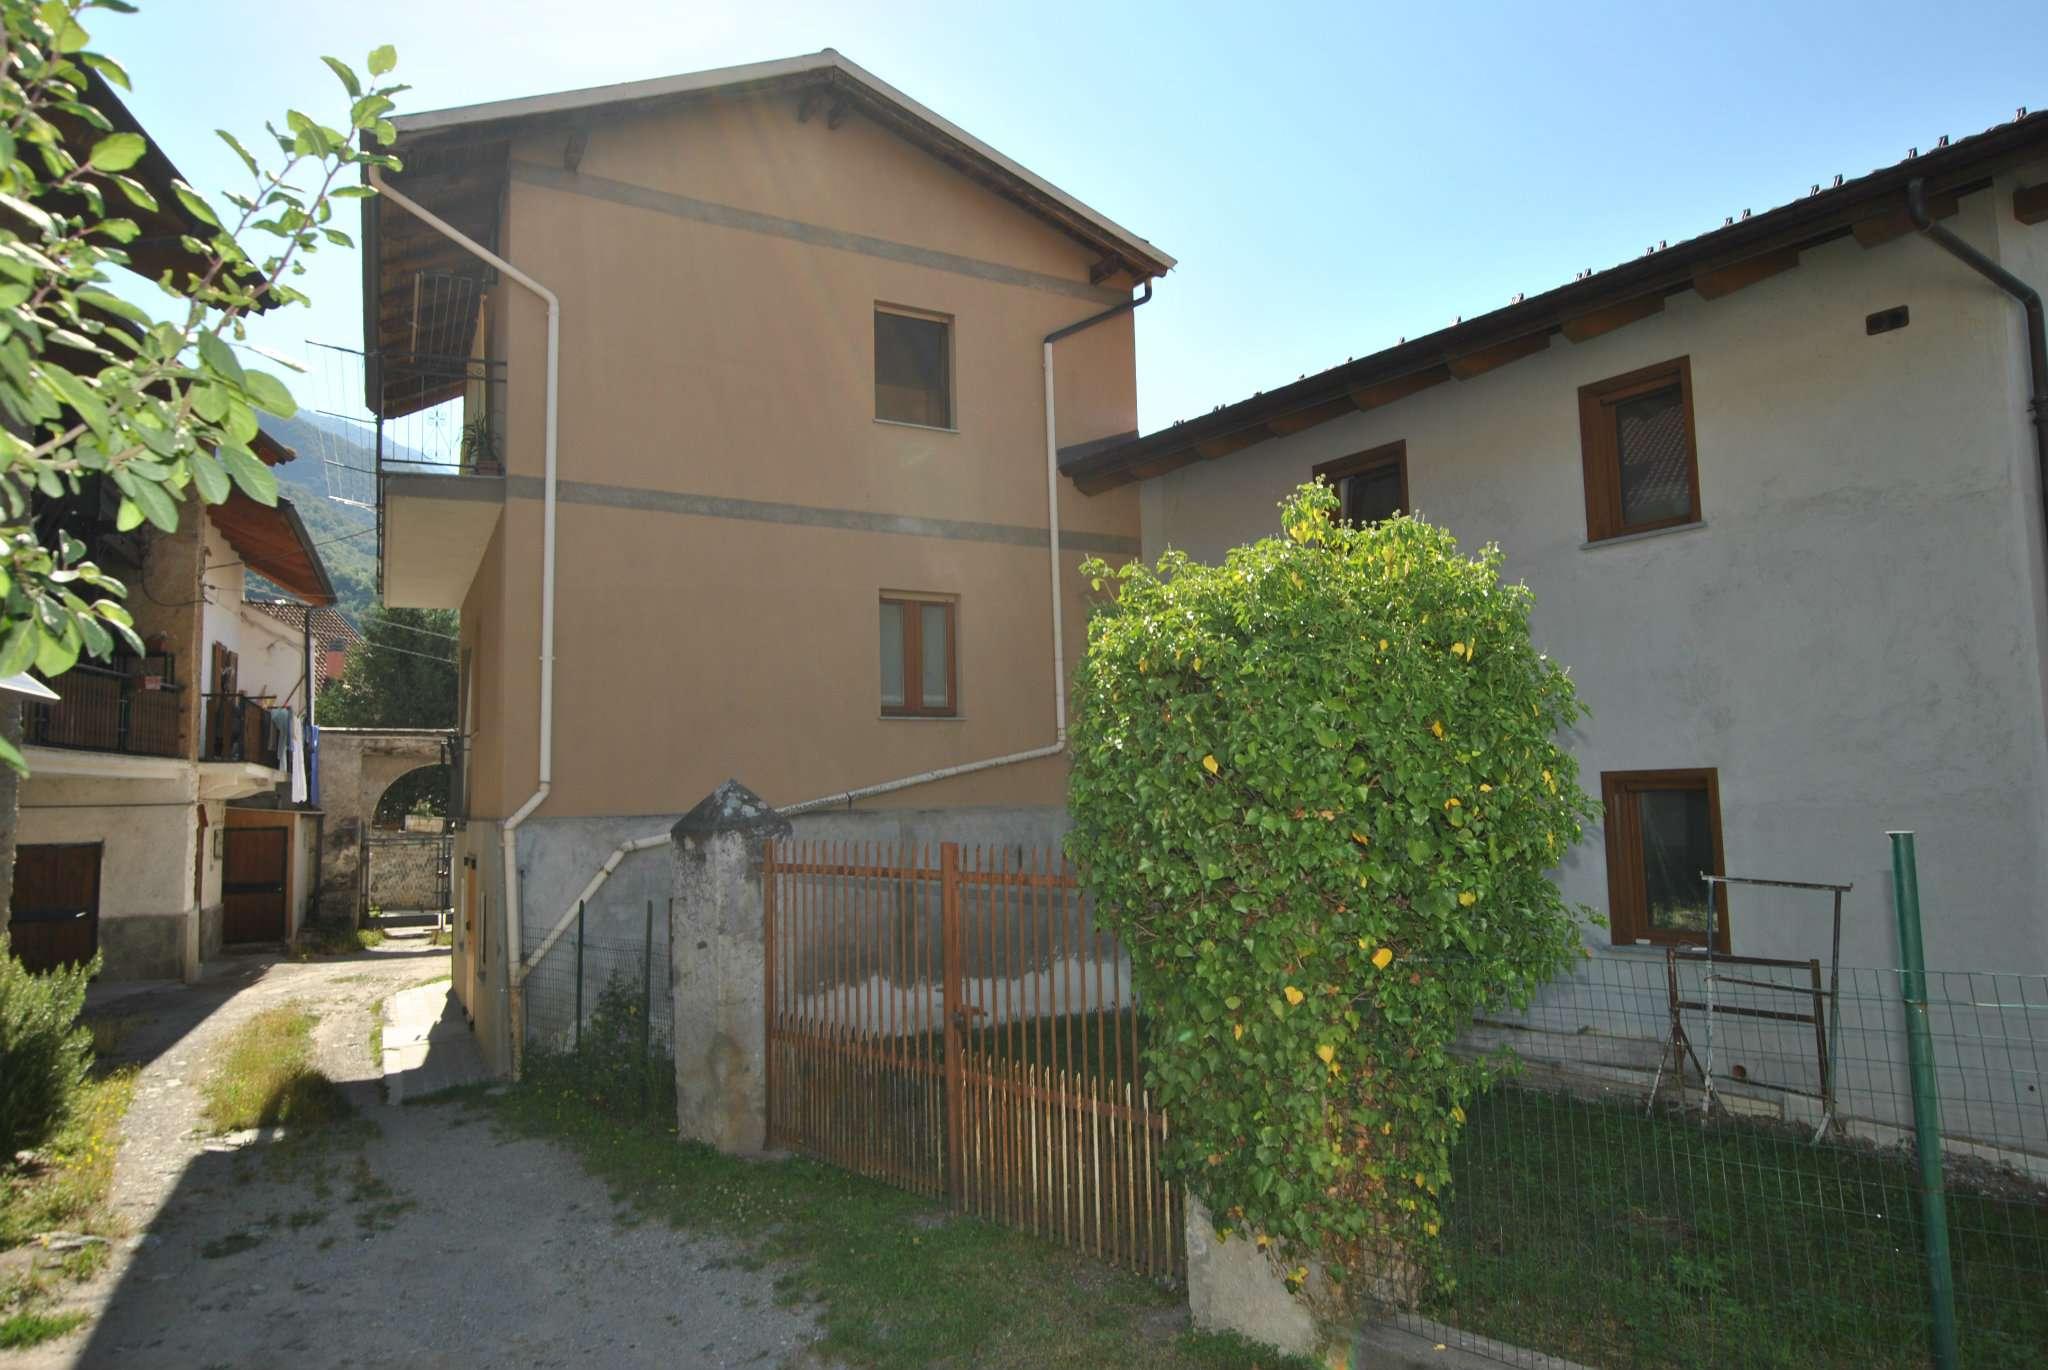 Soluzione Semindipendente in vendita a Bruzolo, 2 locali, prezzo € 70.000 | CambioCasa.it